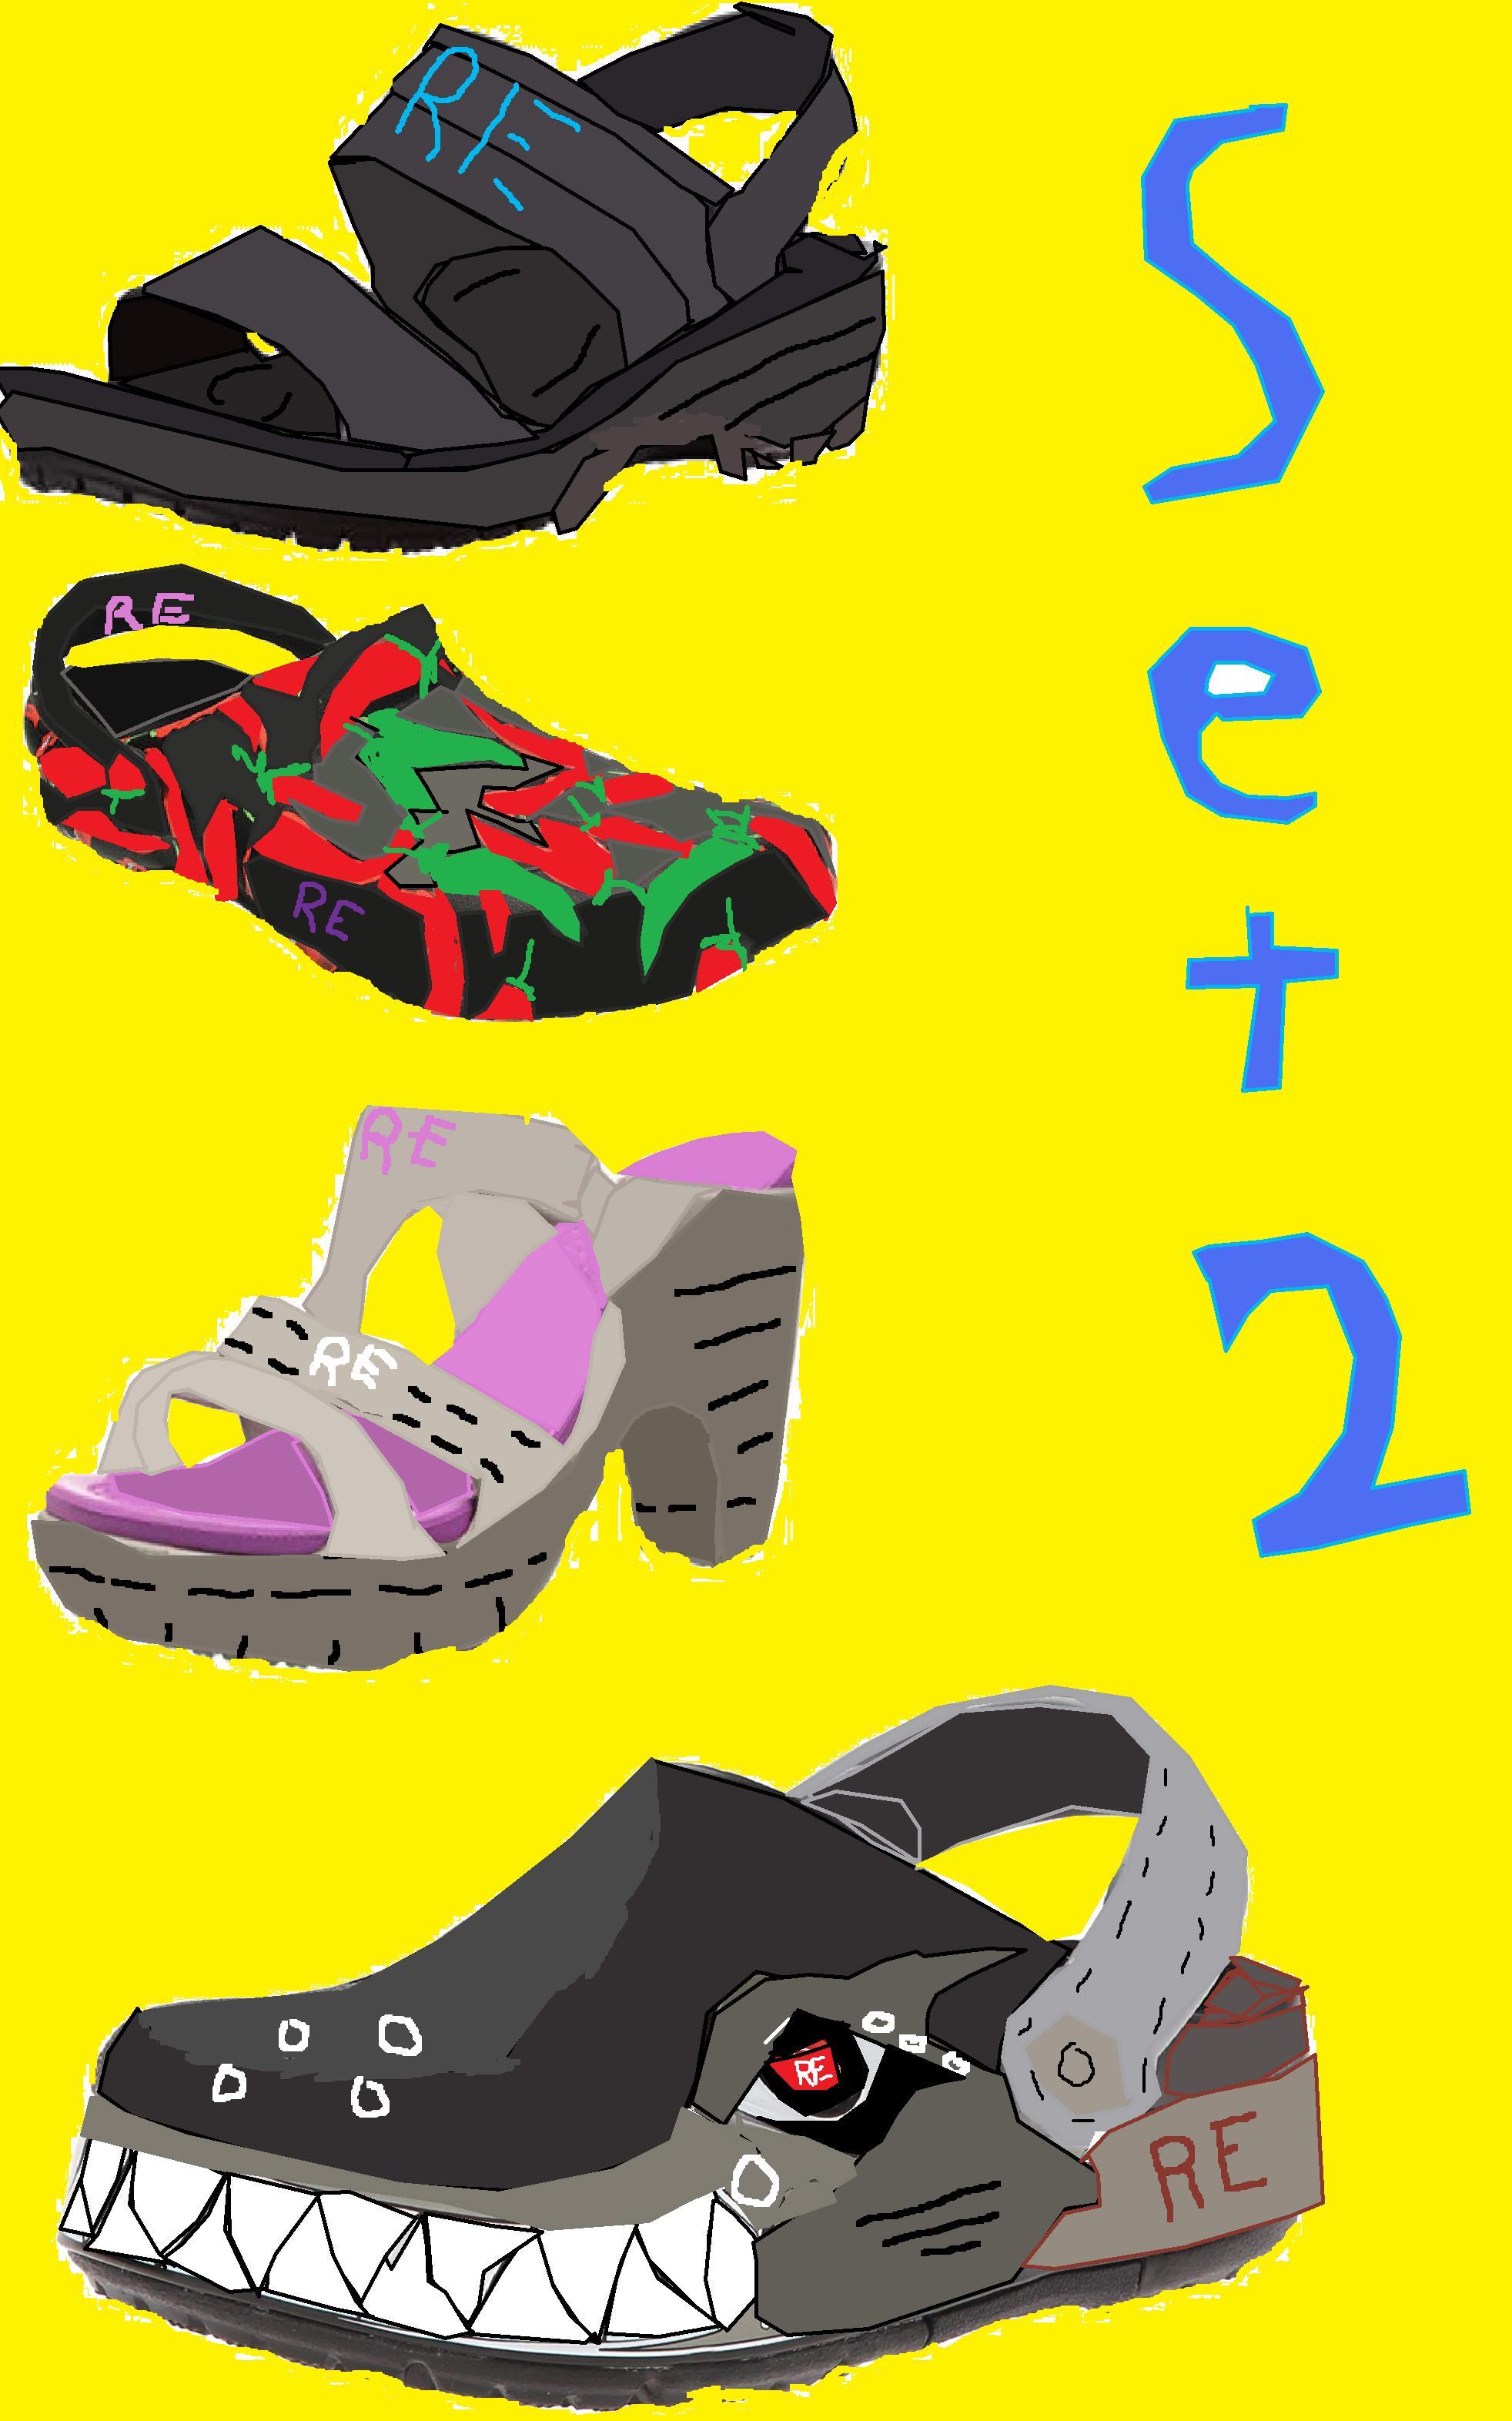 redeyes foot wear set 2